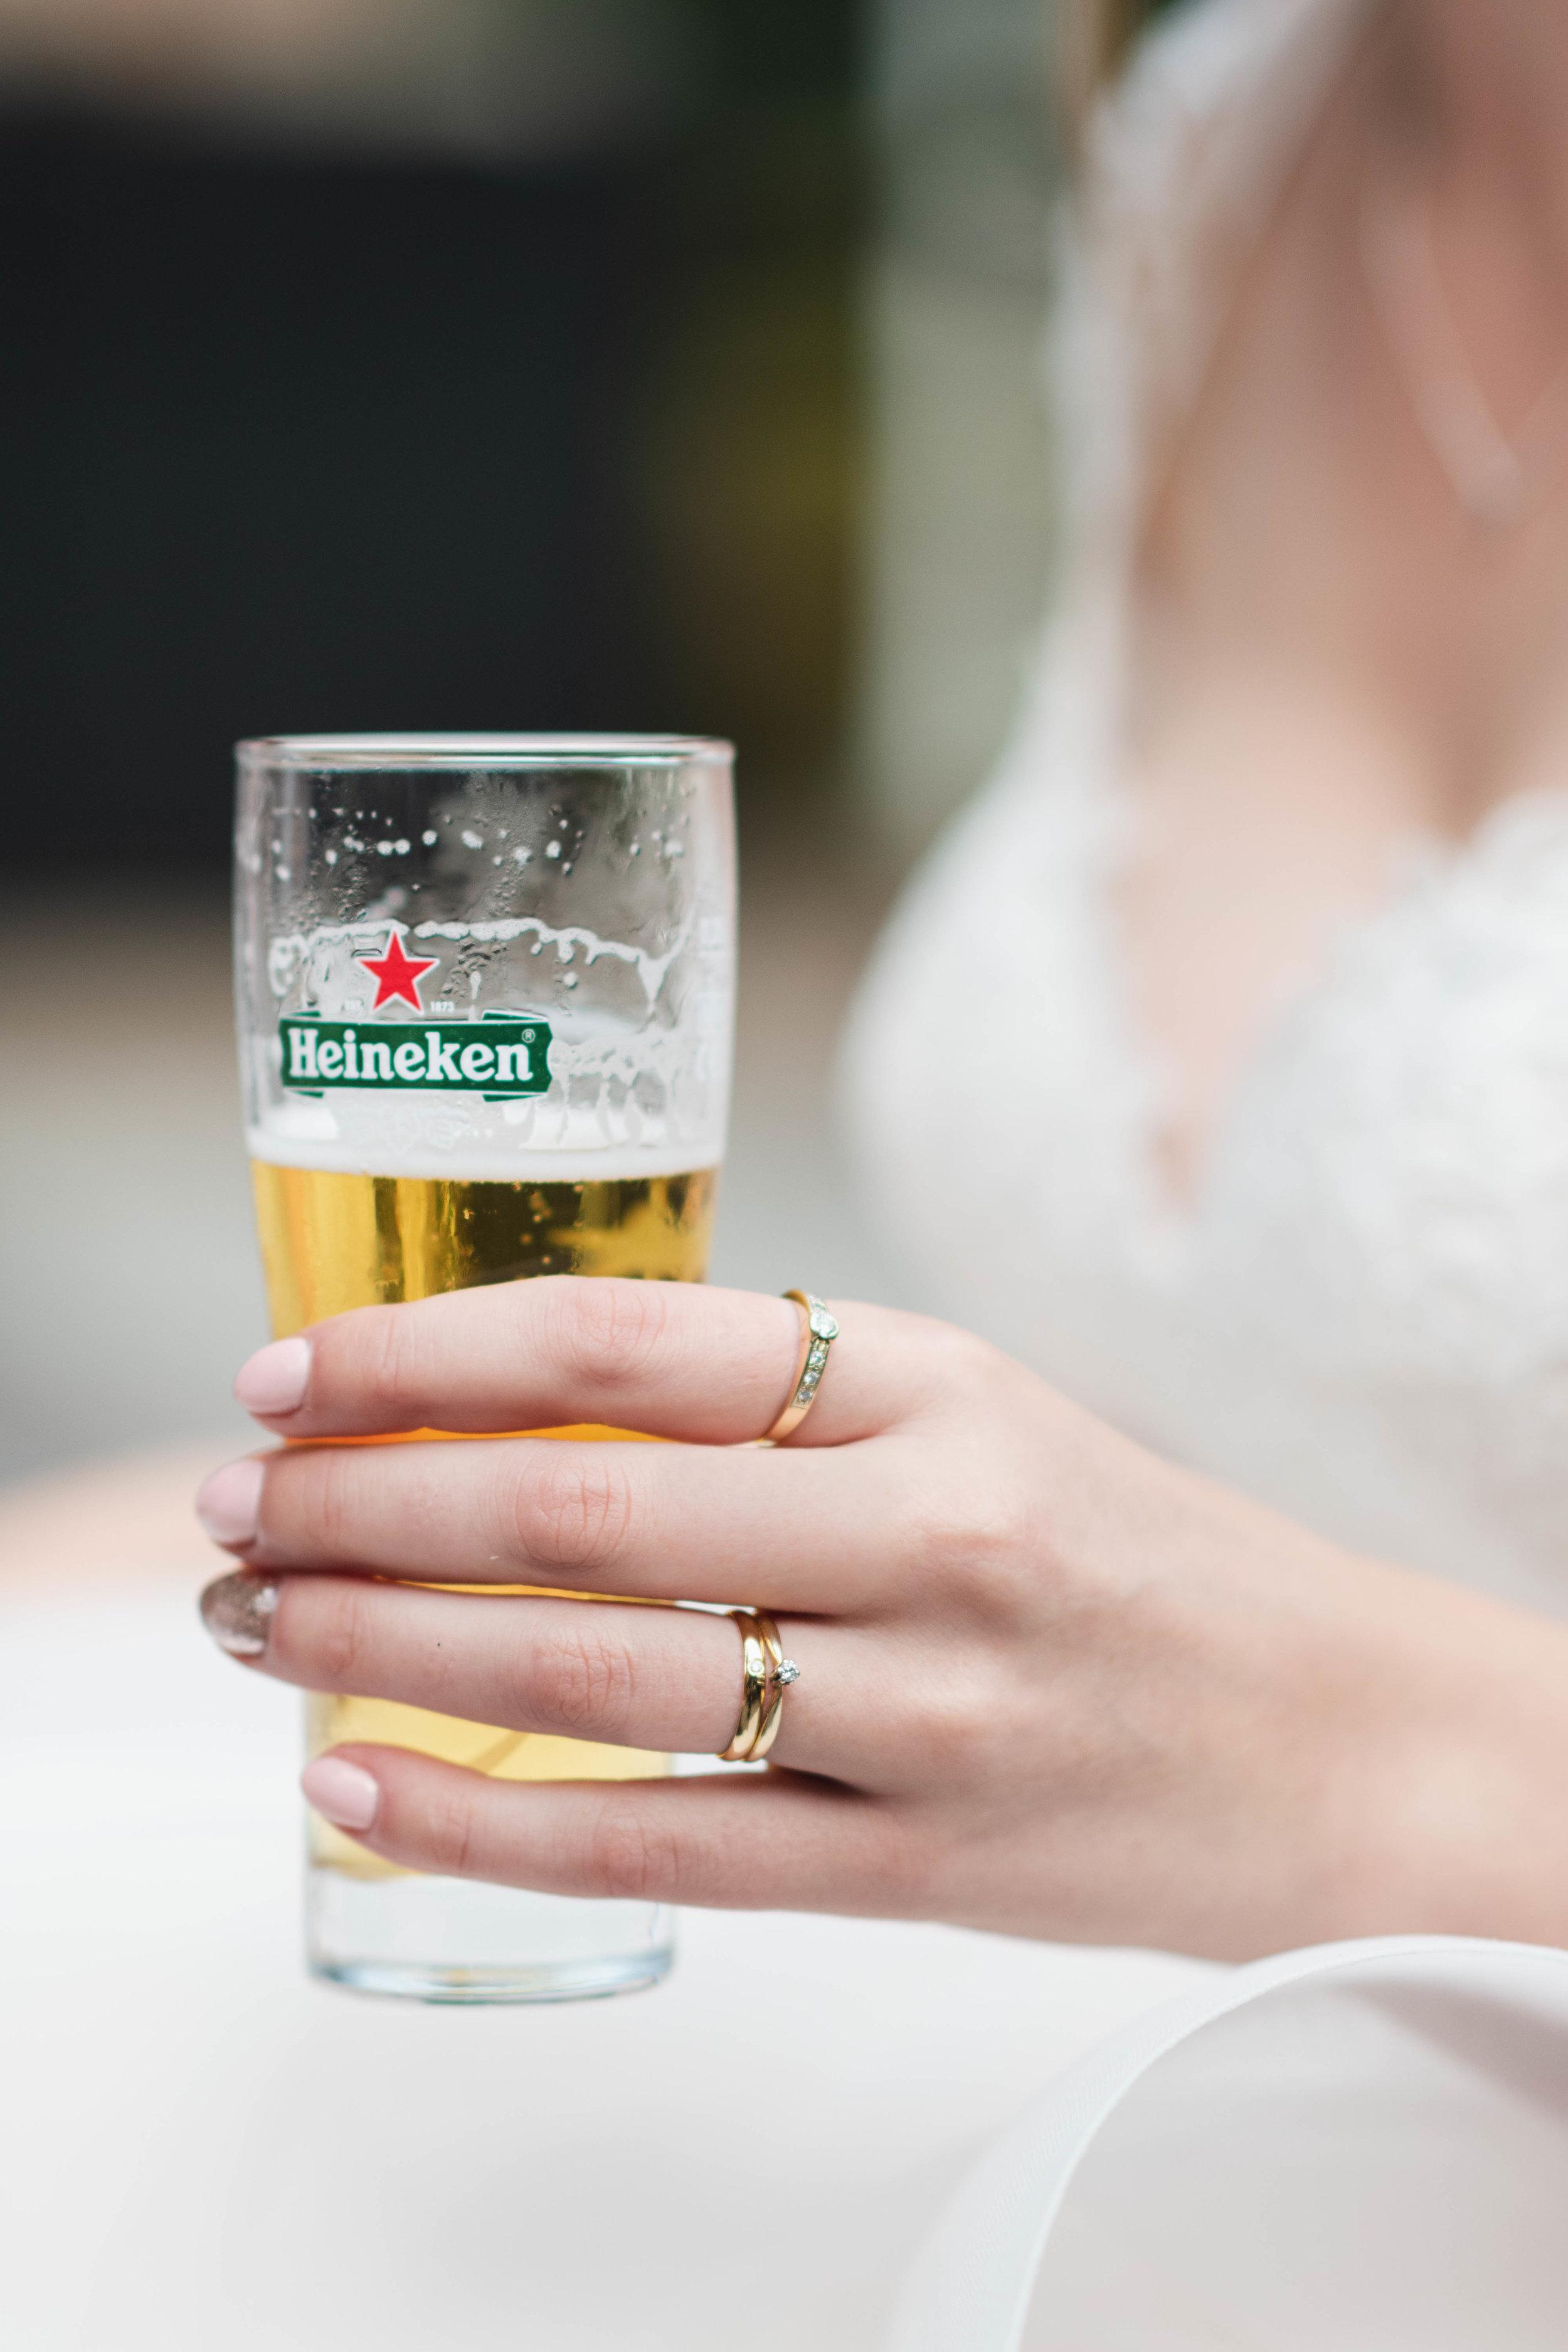 De bruid drinkt lekker een biertje terwijl ze haar nieuwe trouwring showt.